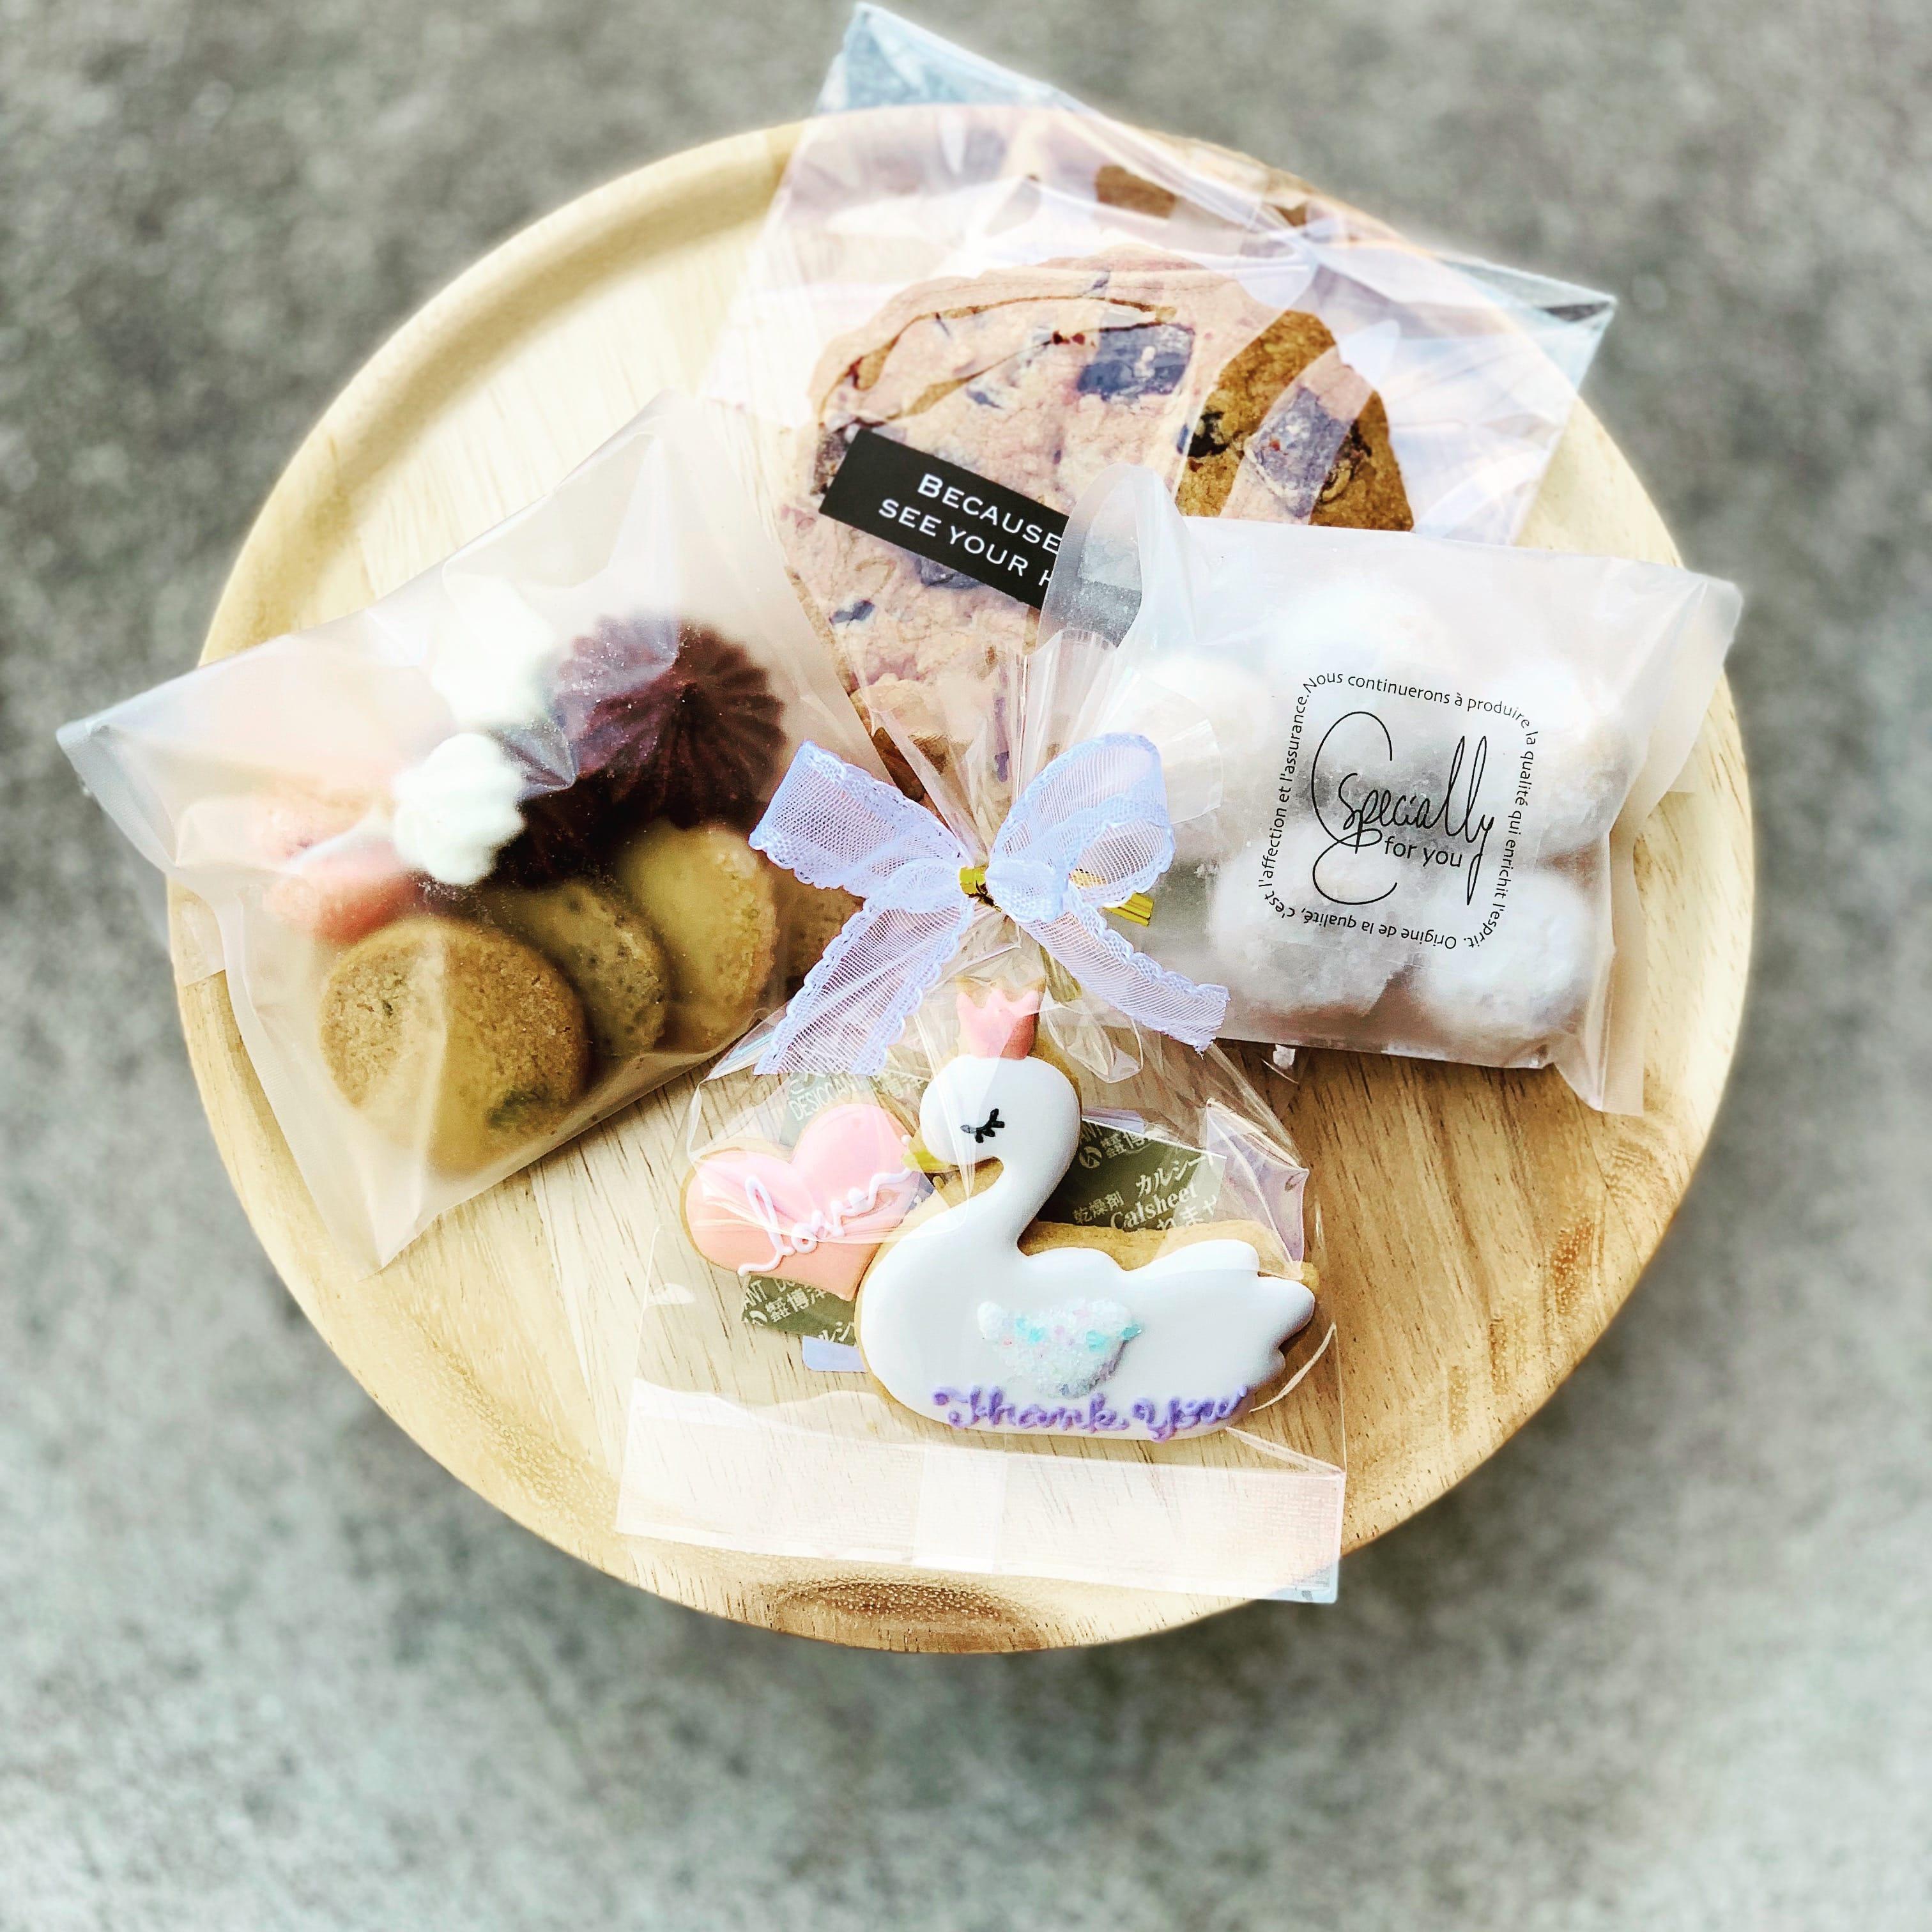 こはく製菓            日々のおやつと贈るお菓子の通販